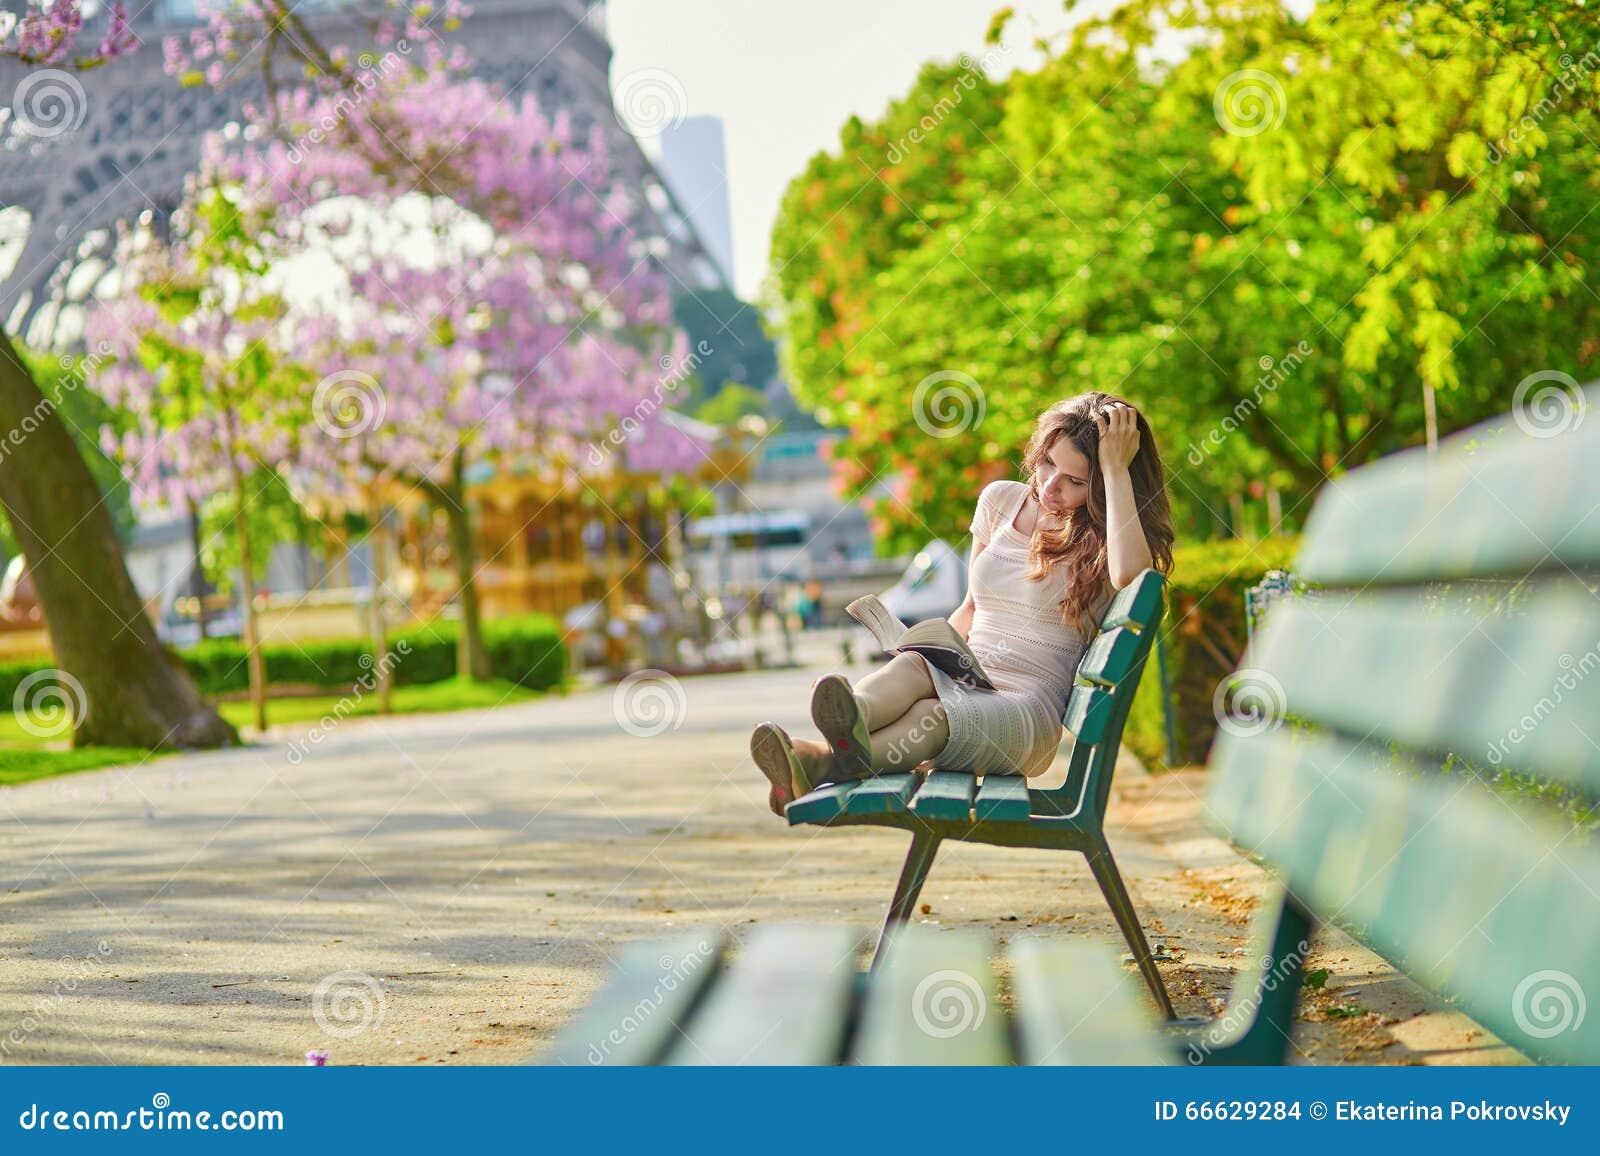 Όμορφη νέα γυναίκα στην ανάγνωση του Παρισιού στον πάγκο υπαίθρια